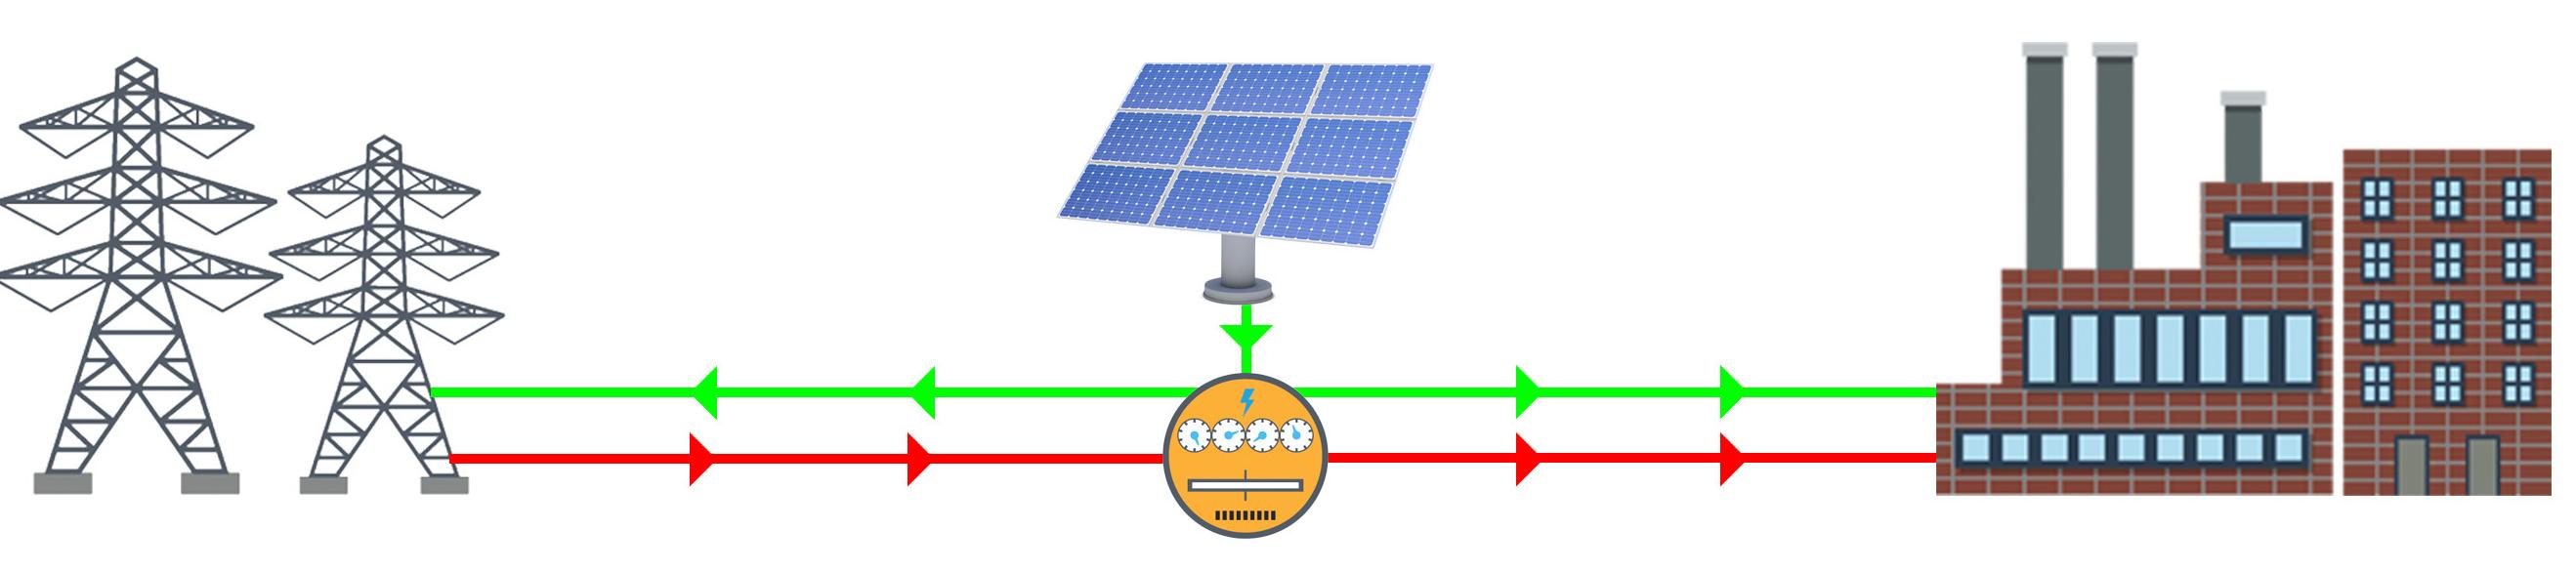 Energia Solar em industrias